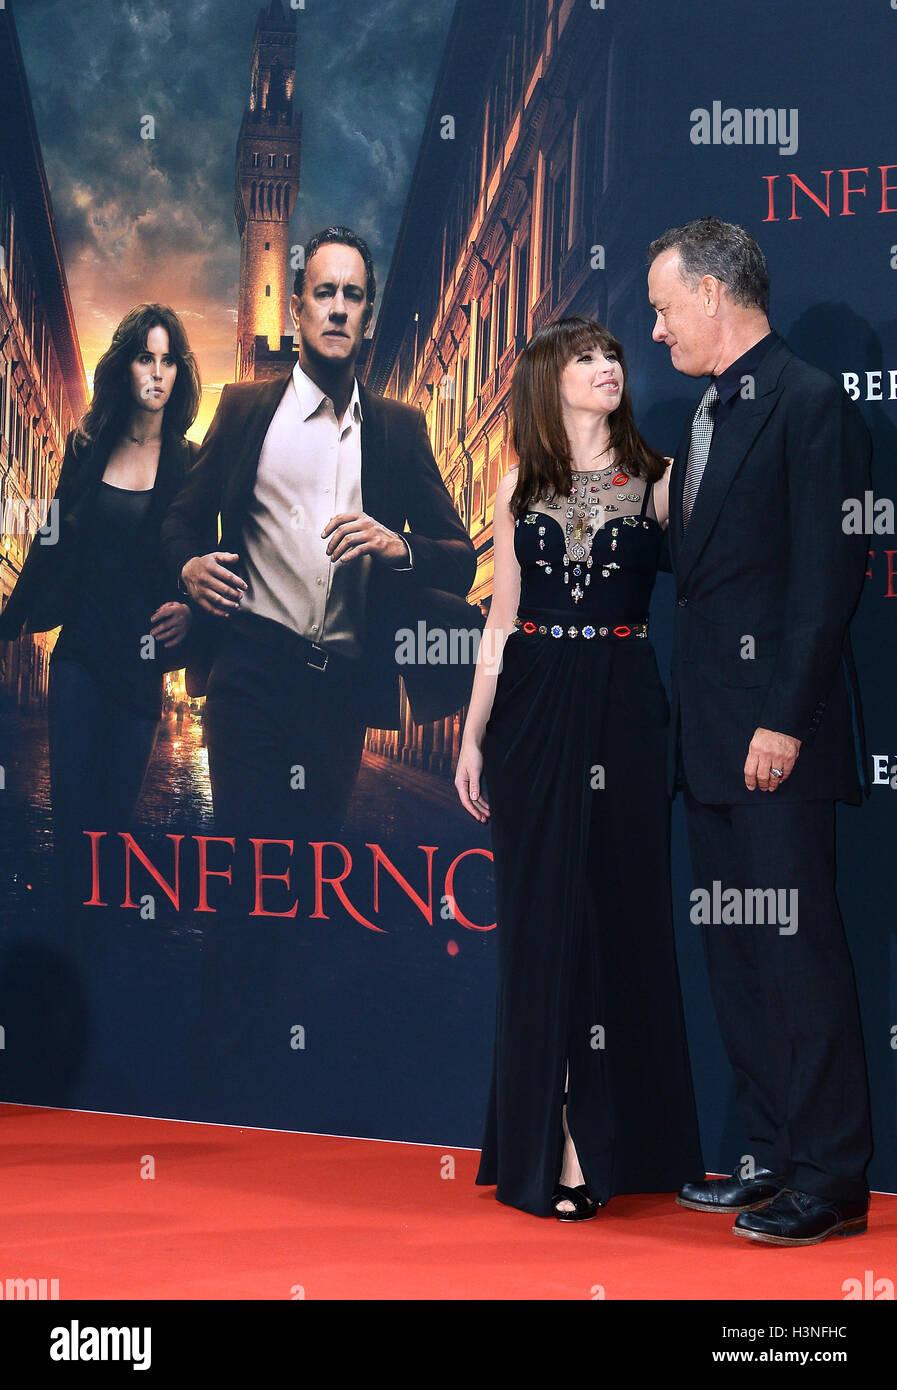 Berlín, Alemania. 10 Oct, 2016. La actriz británica Felicity Jones (L) y el actor estadounidense Tom Hanks Imagen De Stock